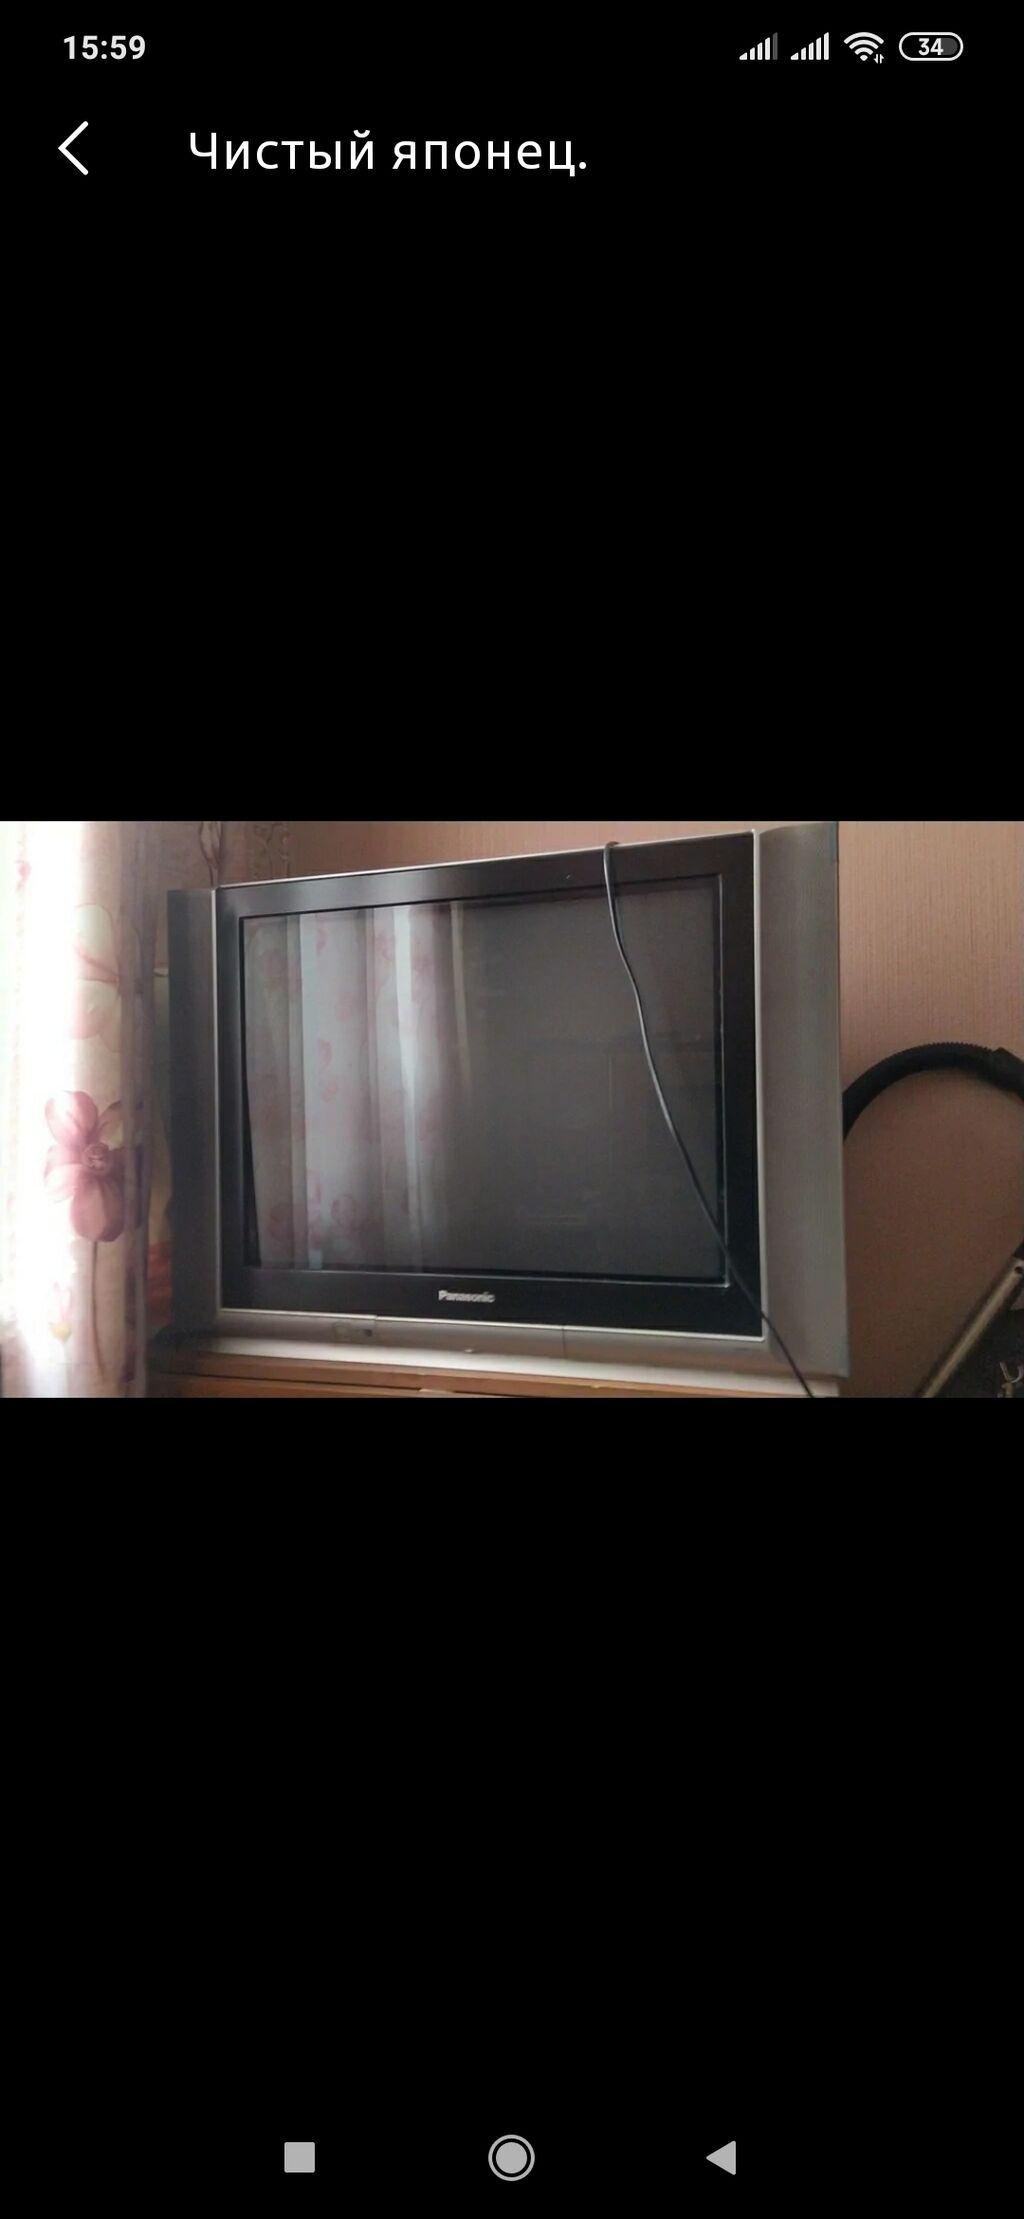 Продаю телевизор японского качества. колонки все живые. все чистые: Продаю телевизор японского качества.. колонки все живые...все чистые